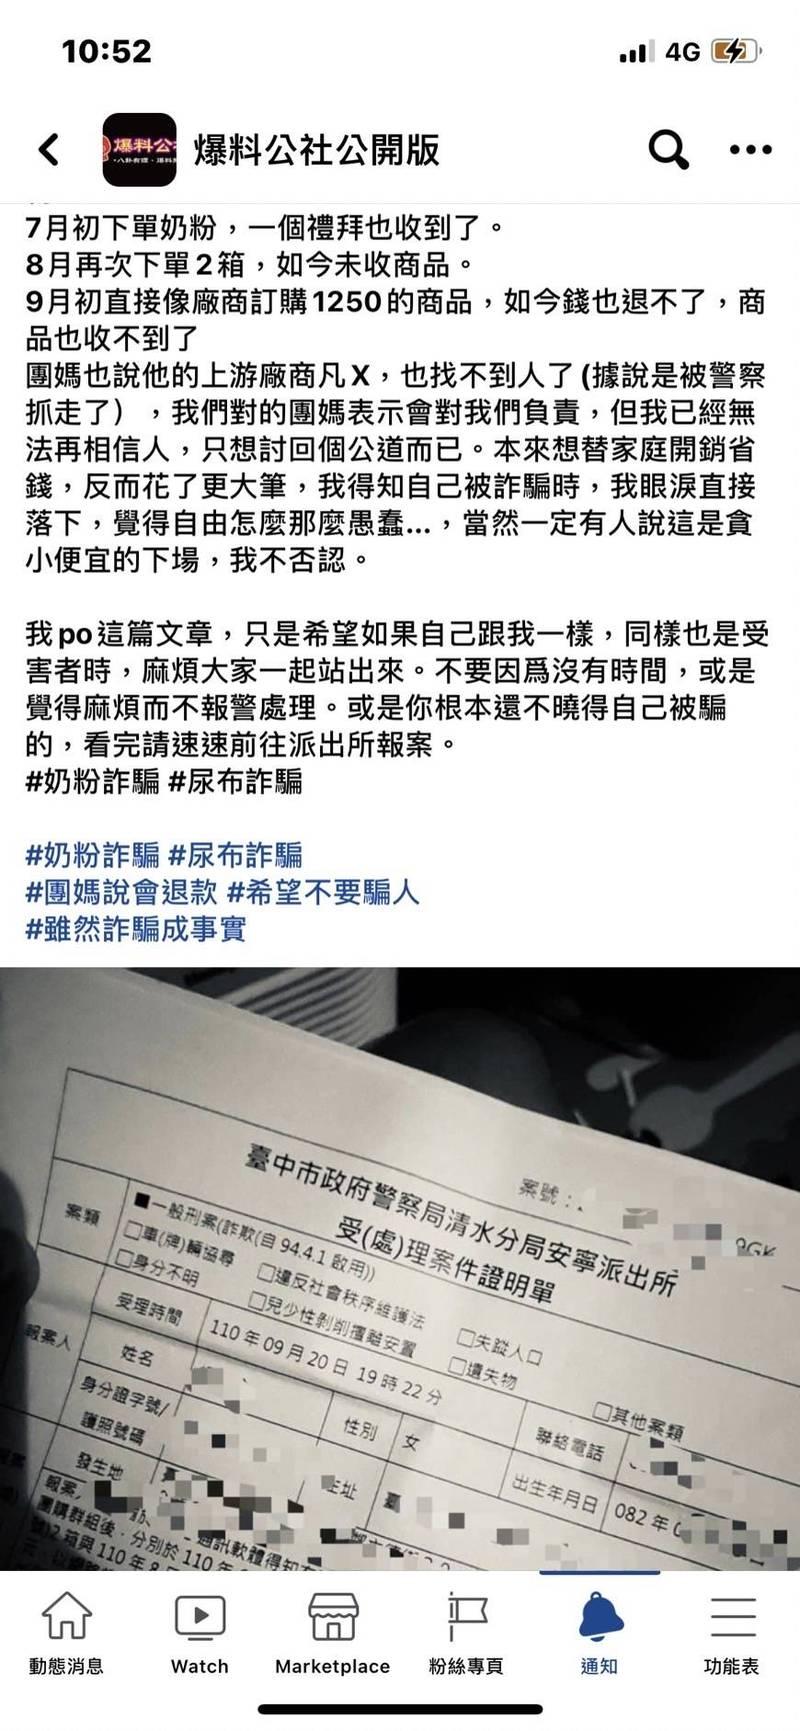 民眾在爆料公社PO文指出,加入團購購買尿布奶粉卻被騙。(圖擷取自「爆料公社」)